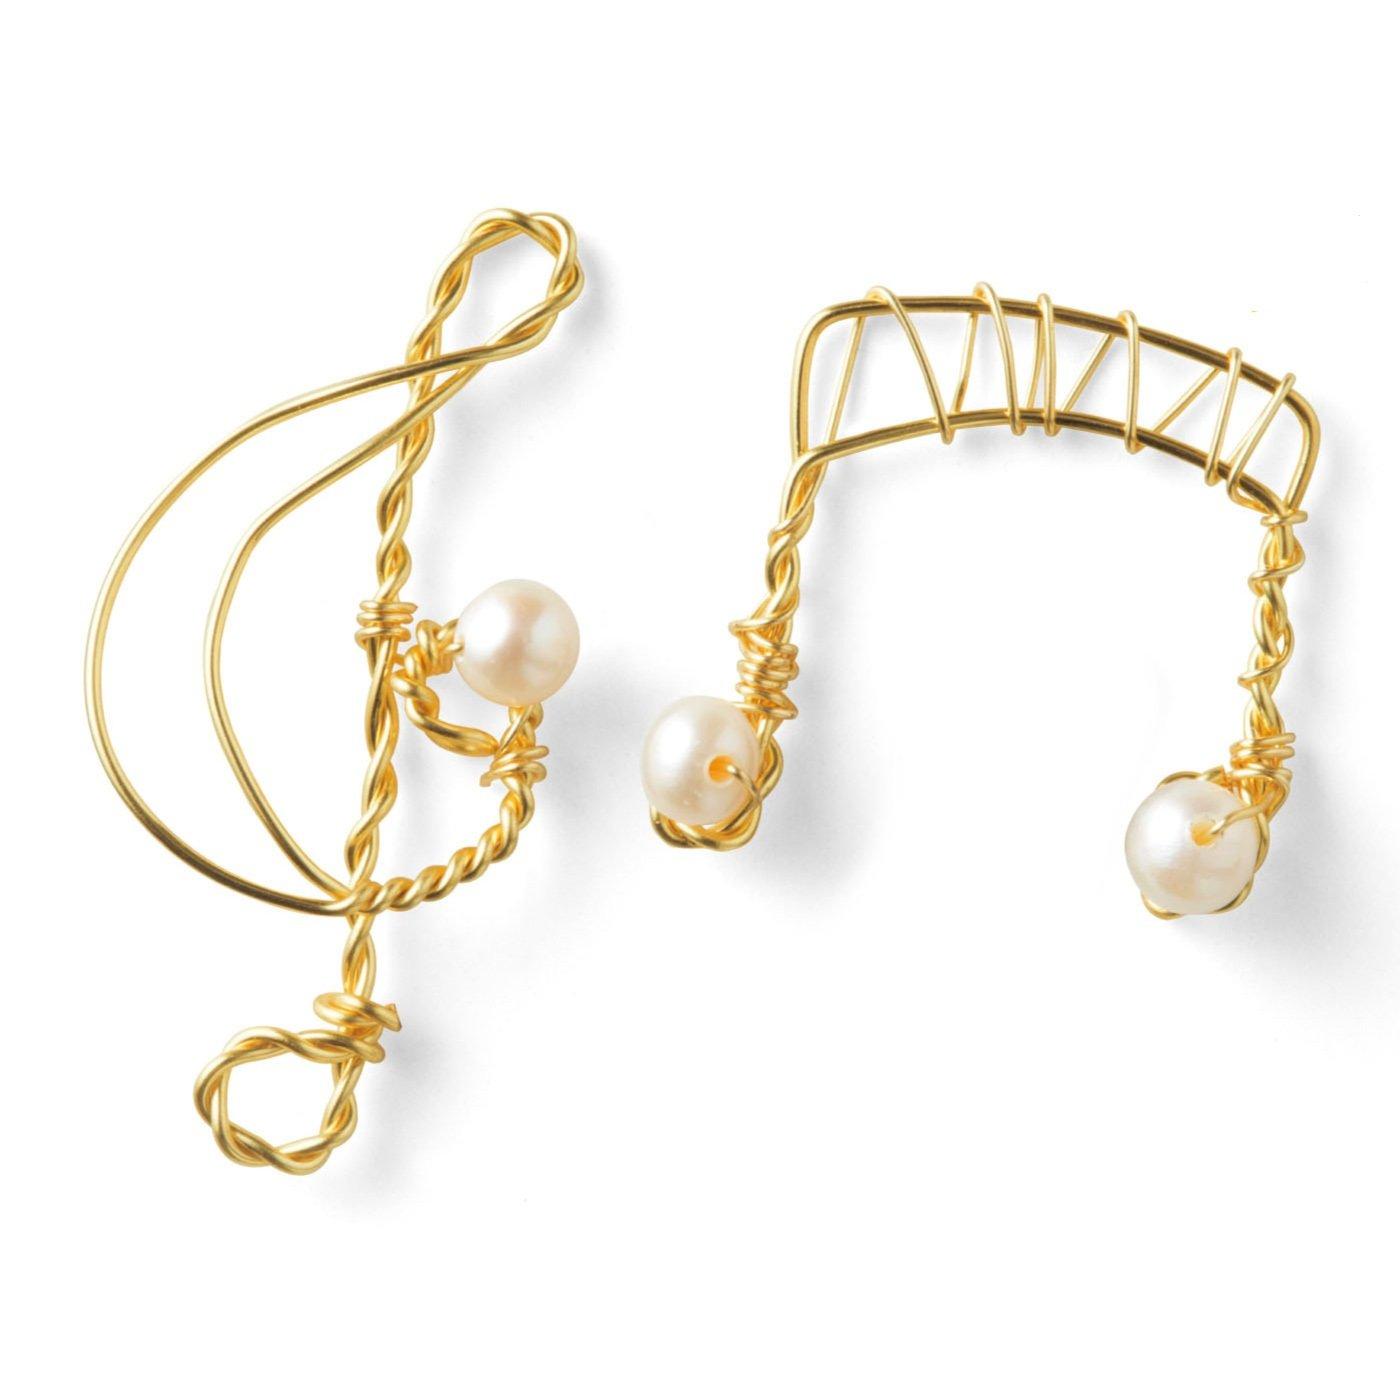 美しき調べ 華奢アクセサリー  淡水真珠音符ネックレス手づくりセット (お試し版)